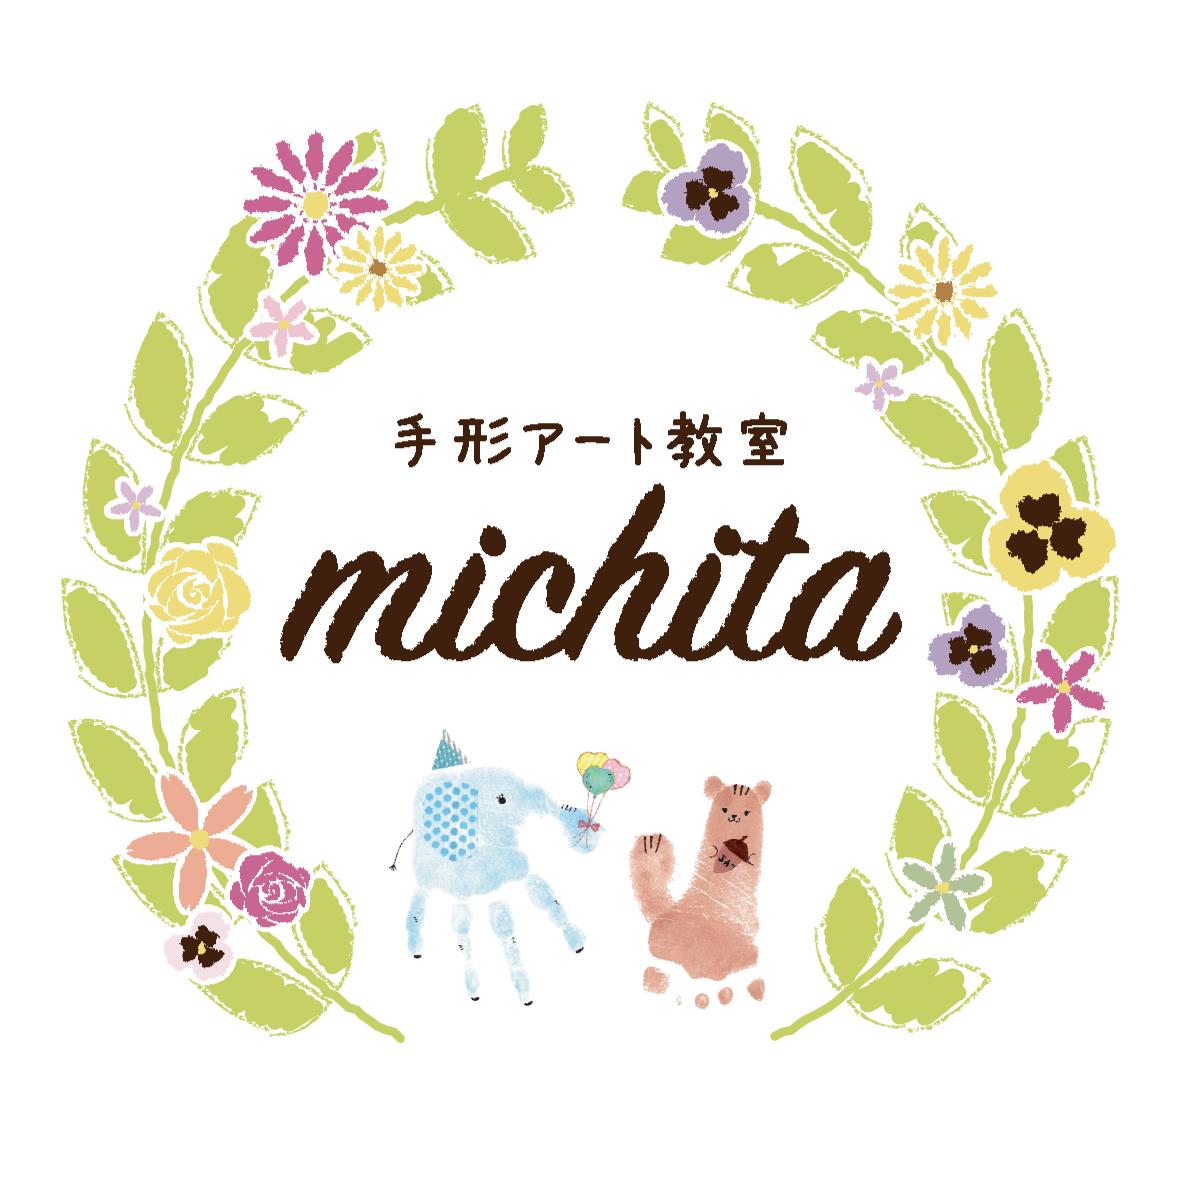 michitapeta